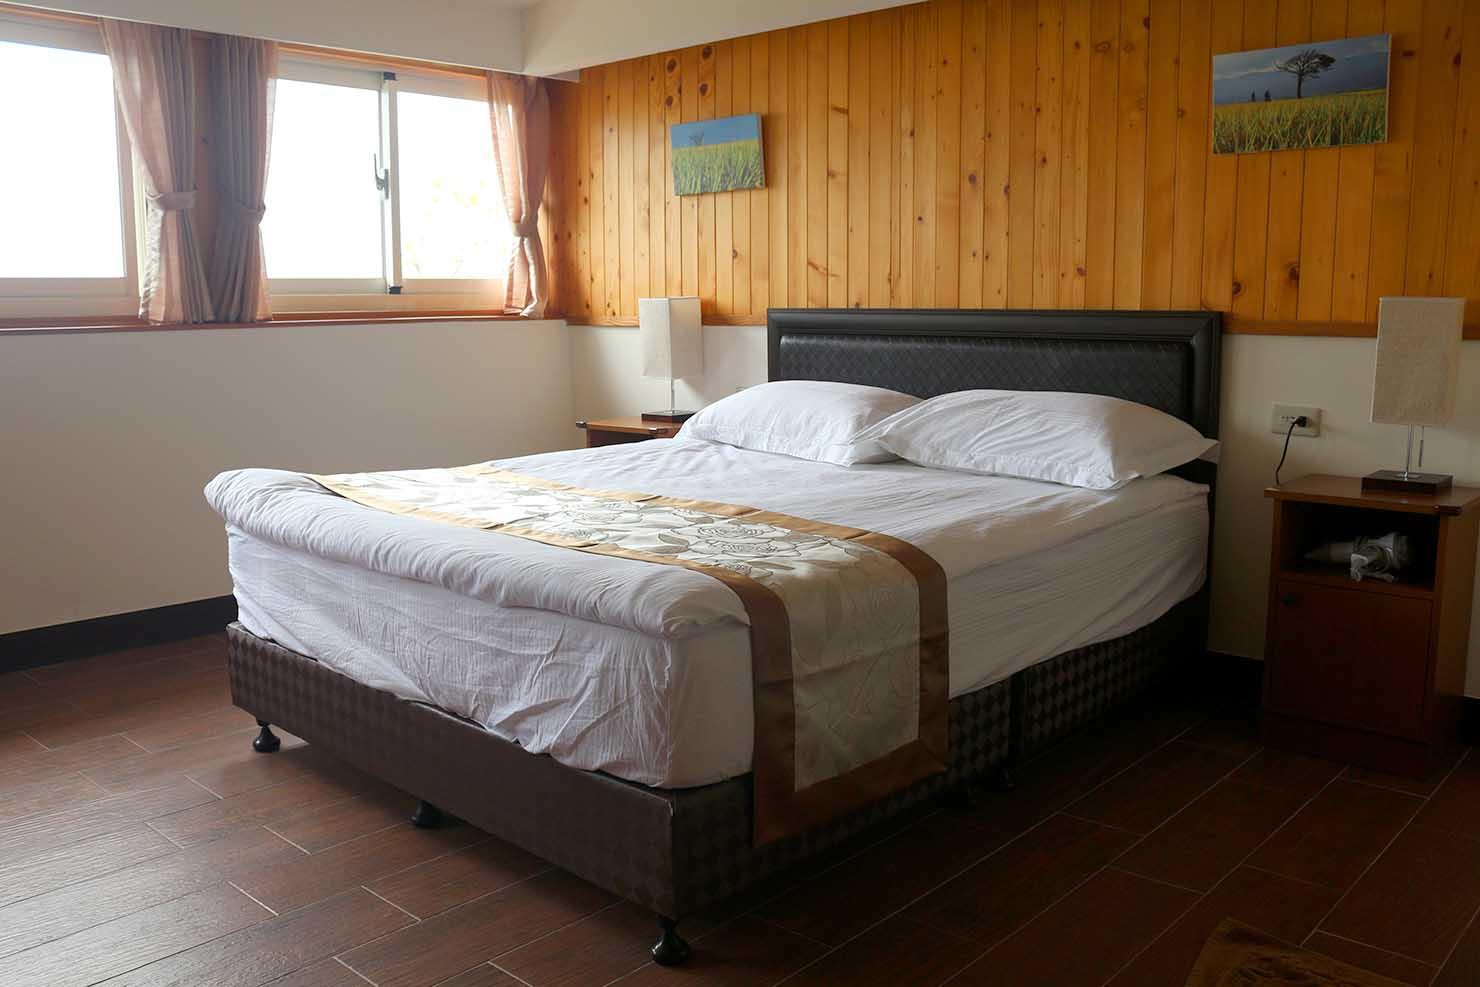 台東・池上の快適ゲストハウス「曬榖場 Buda Banai」ダブルルームのベッド